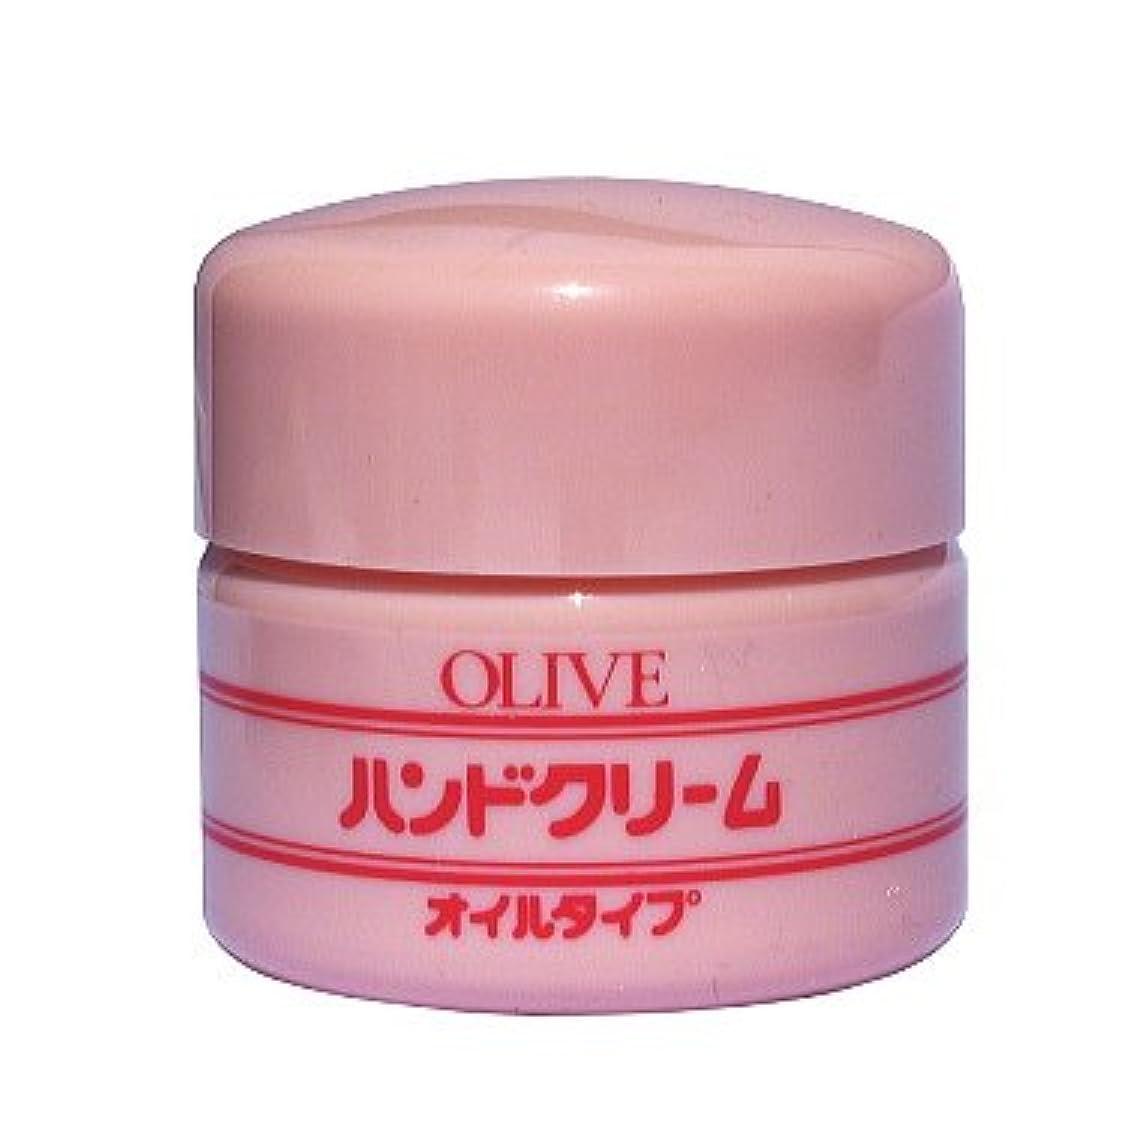 特徴づけるゲインセイ紳士気取りの、きざな鈴虫化粧品 オリーブハンドクリーム(オイルタイプ/容器タイプ)53g